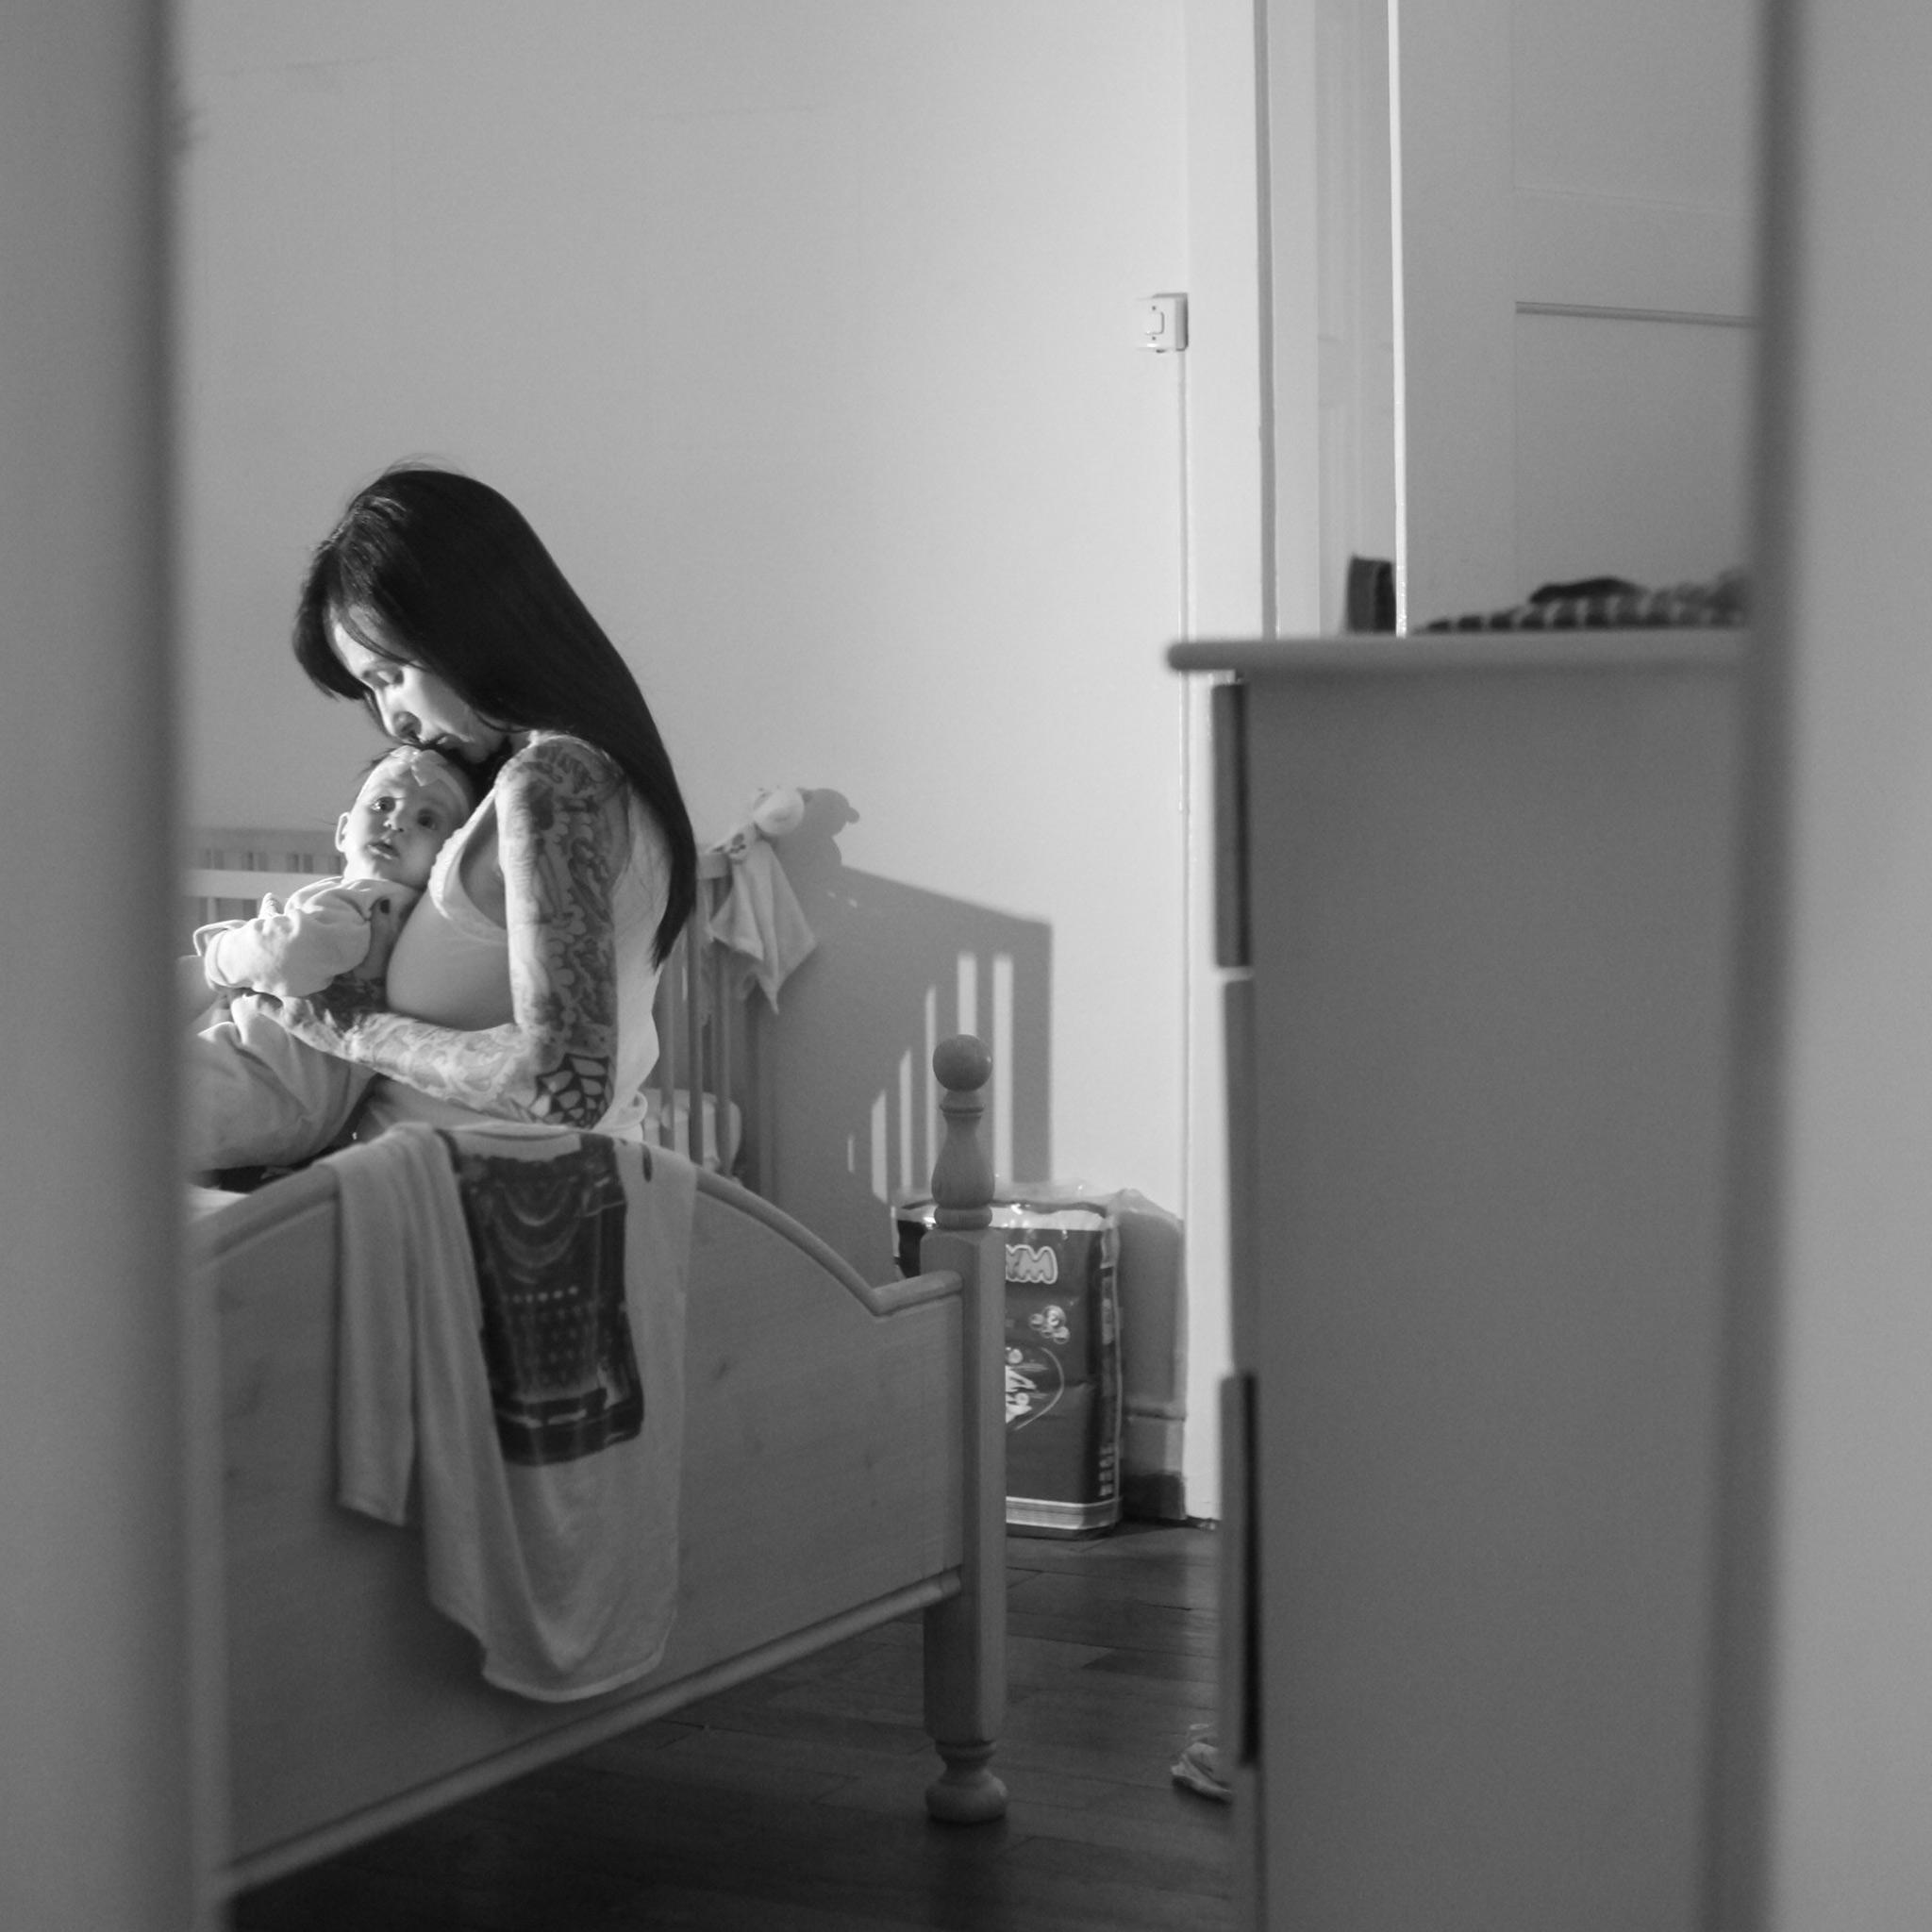 Monoparental-Blanca y Vida-Zurich, 2